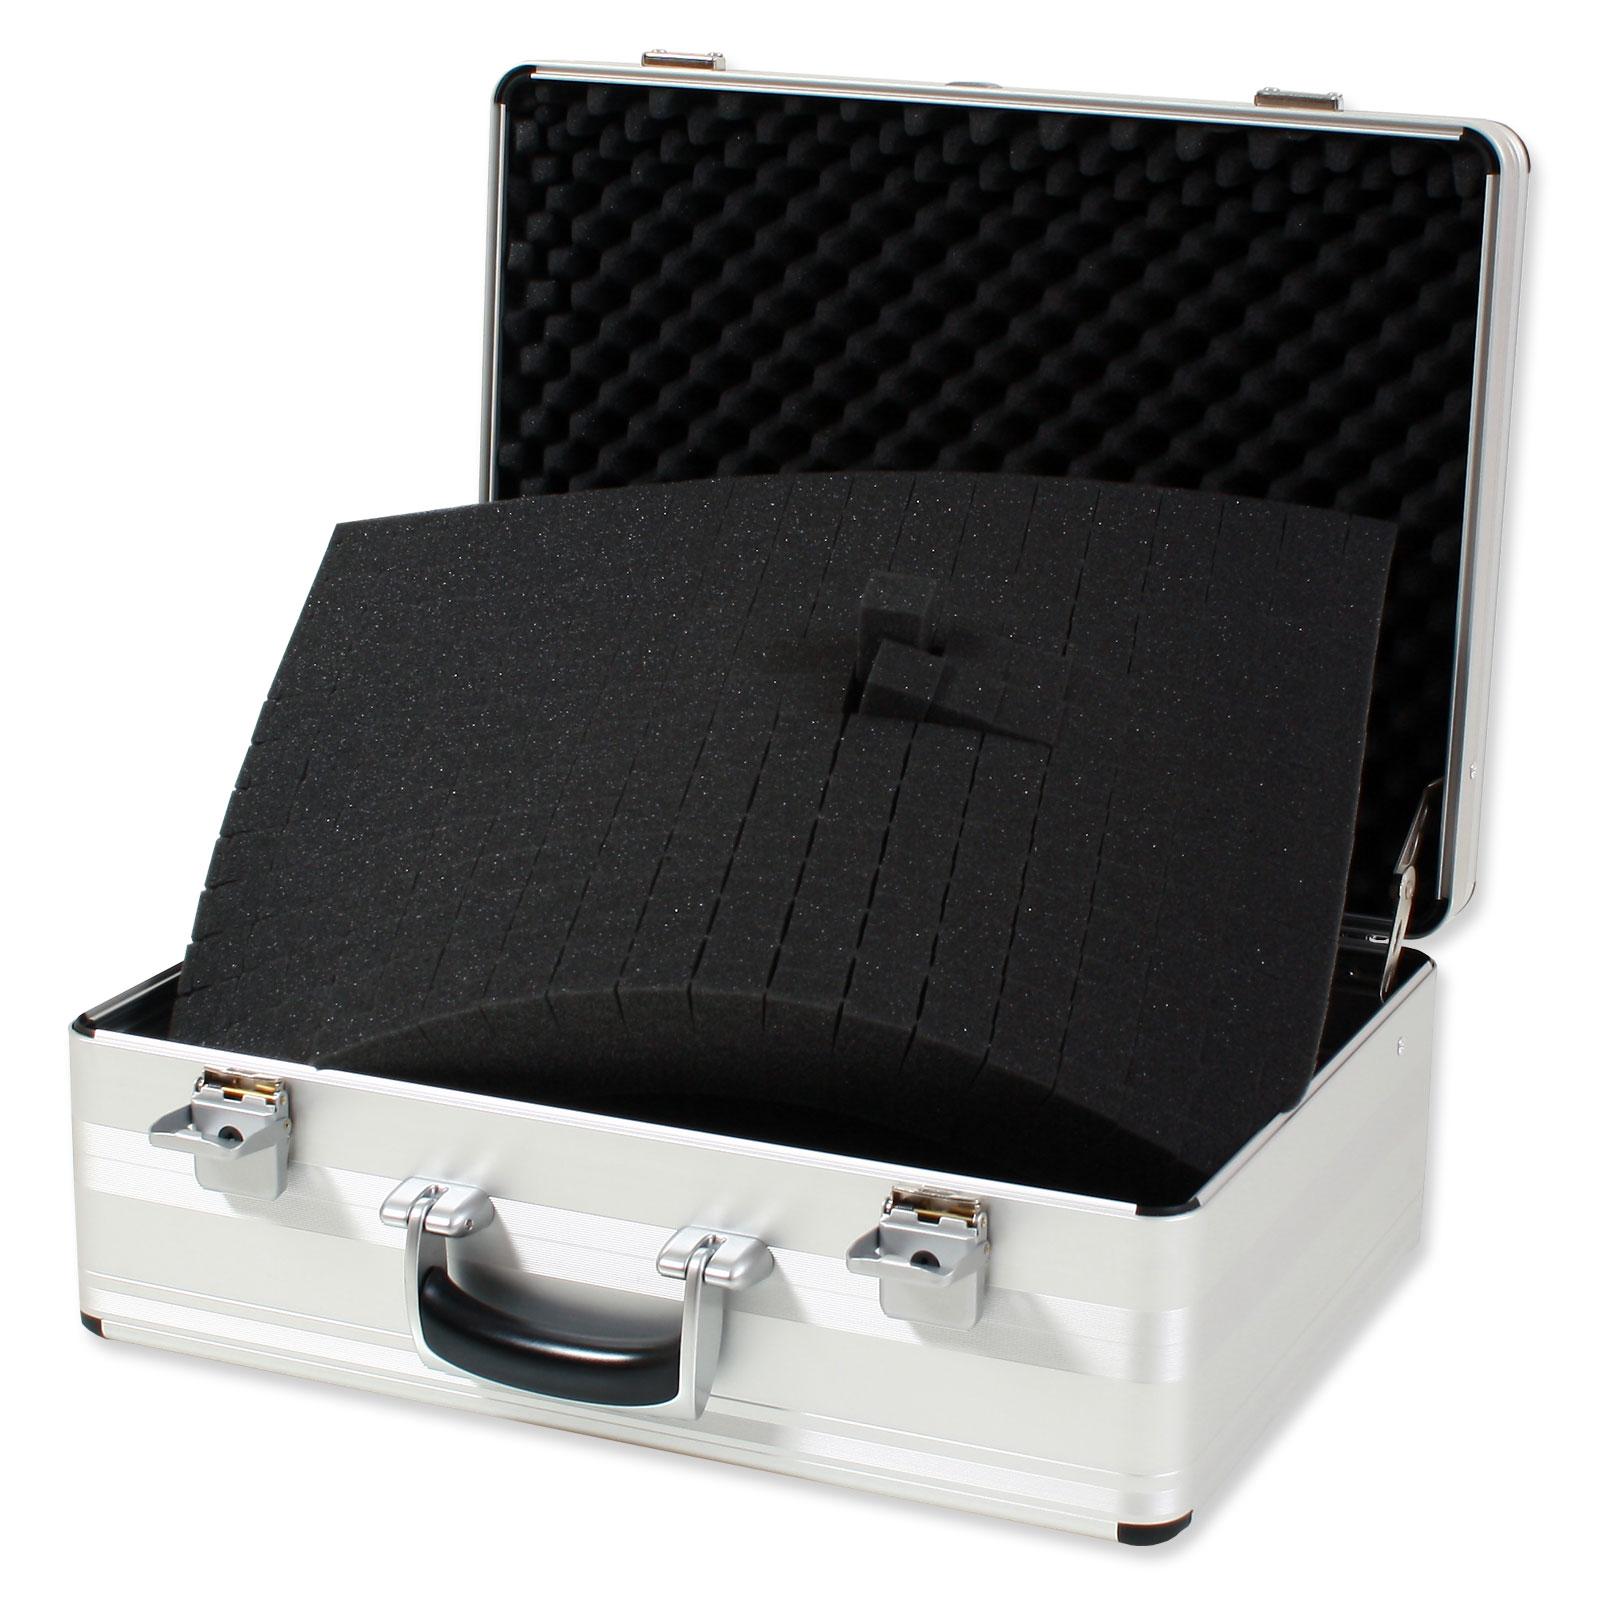 bwh koffer schaumstoffeinsatz f r alu zargenkoffer azke g nstig kaufen koffermarkt. Black Bedroom Furniture Sets. Home Design Ideas